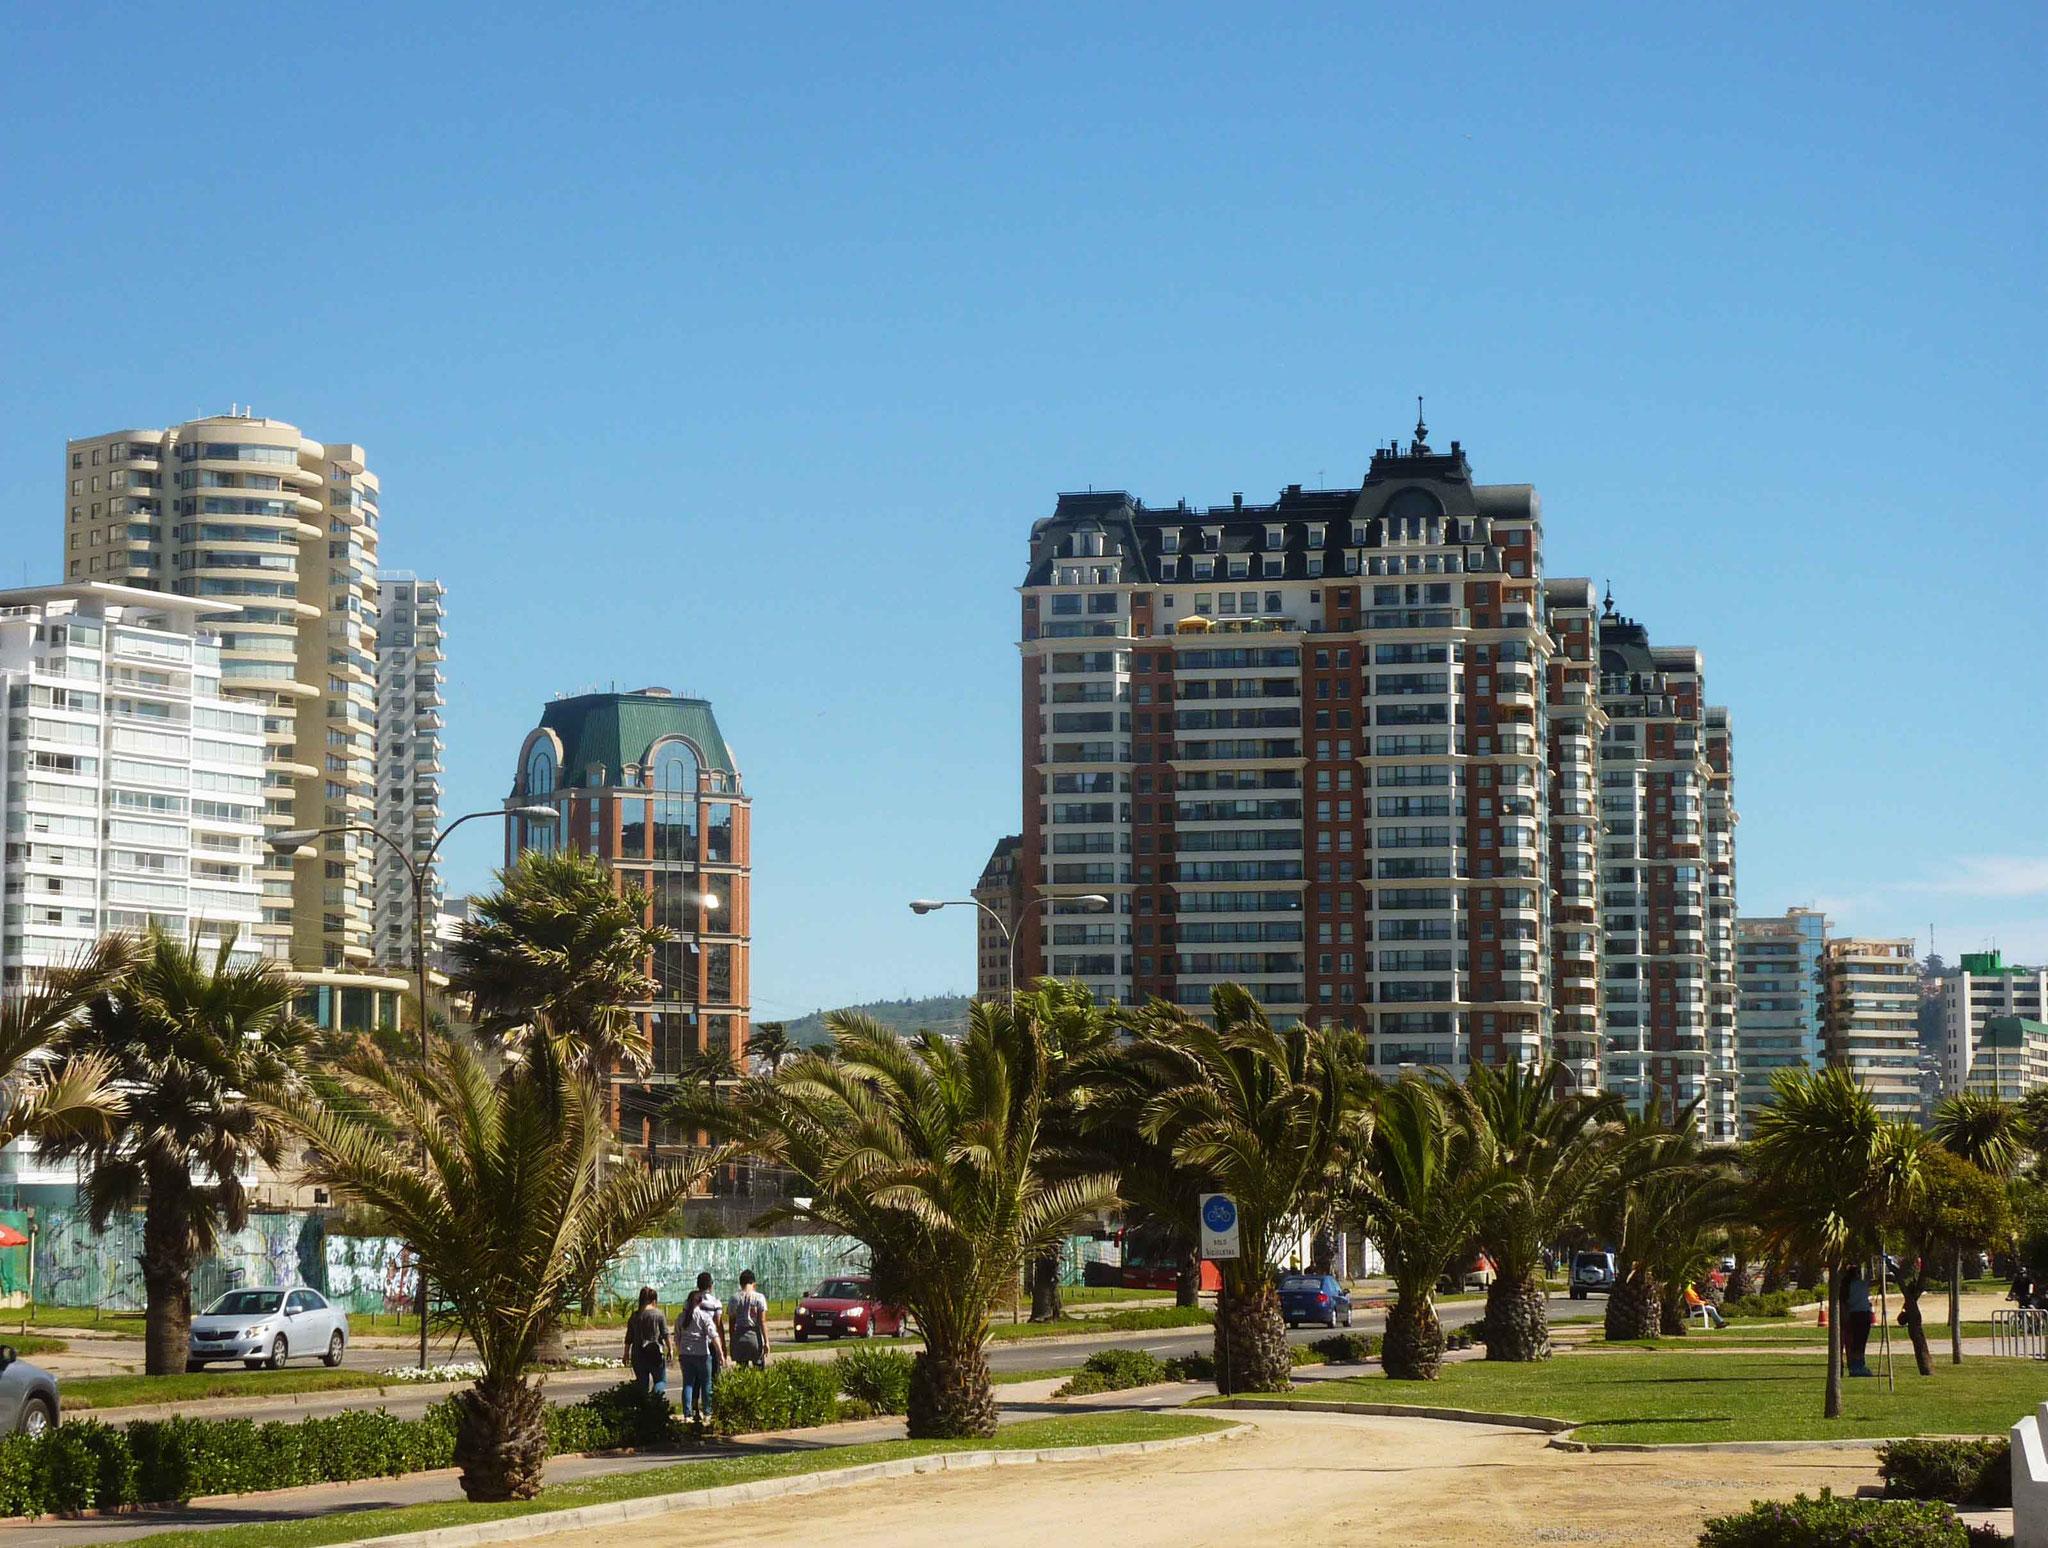 Des airs de Côte d'Azur pour cette ville préférée des Santiaguinos